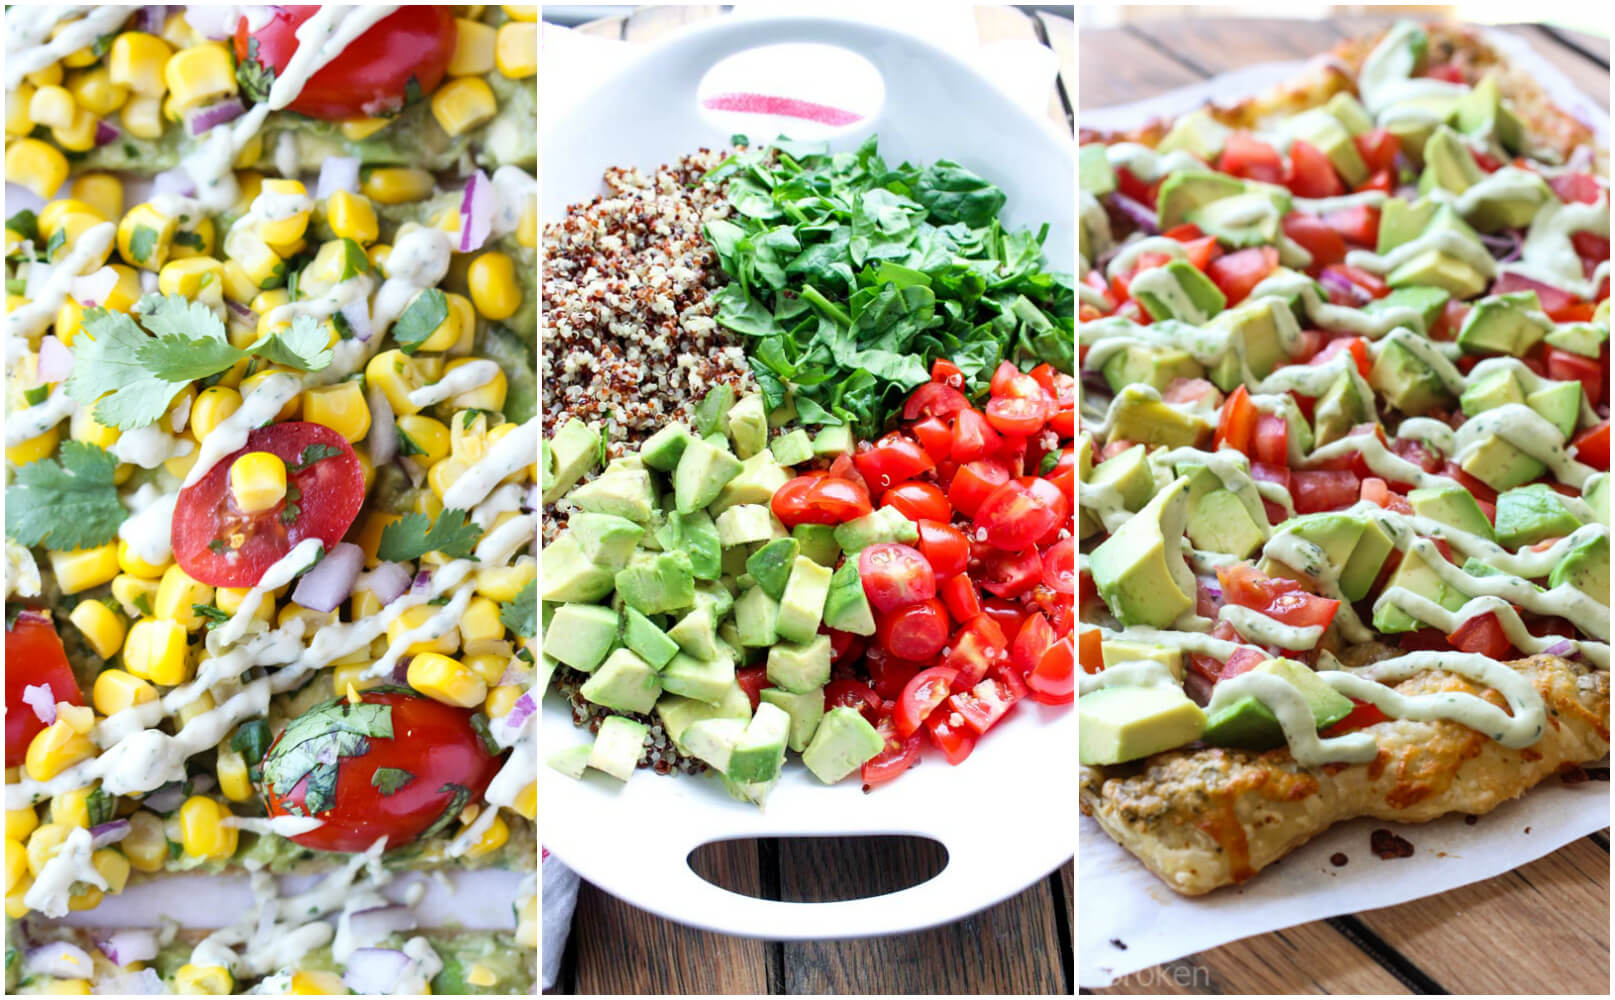 Best avocado recipes + guide to spring produce | littlebroken.com @littlebroken